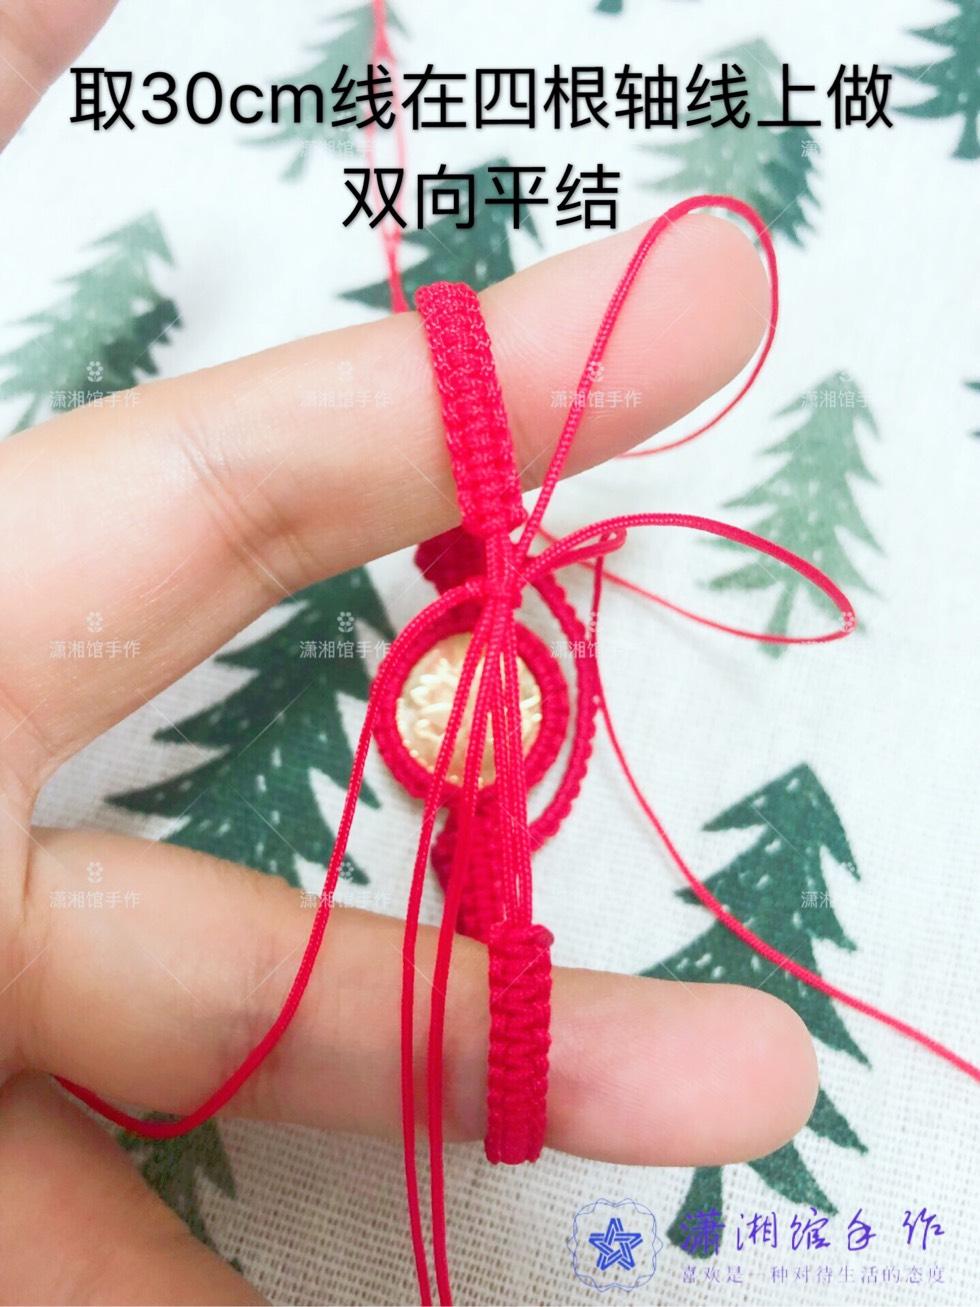 中国结论坛 硬币天使翅膀手链  图文教程区 162455kqhbm3bddquu2kdo